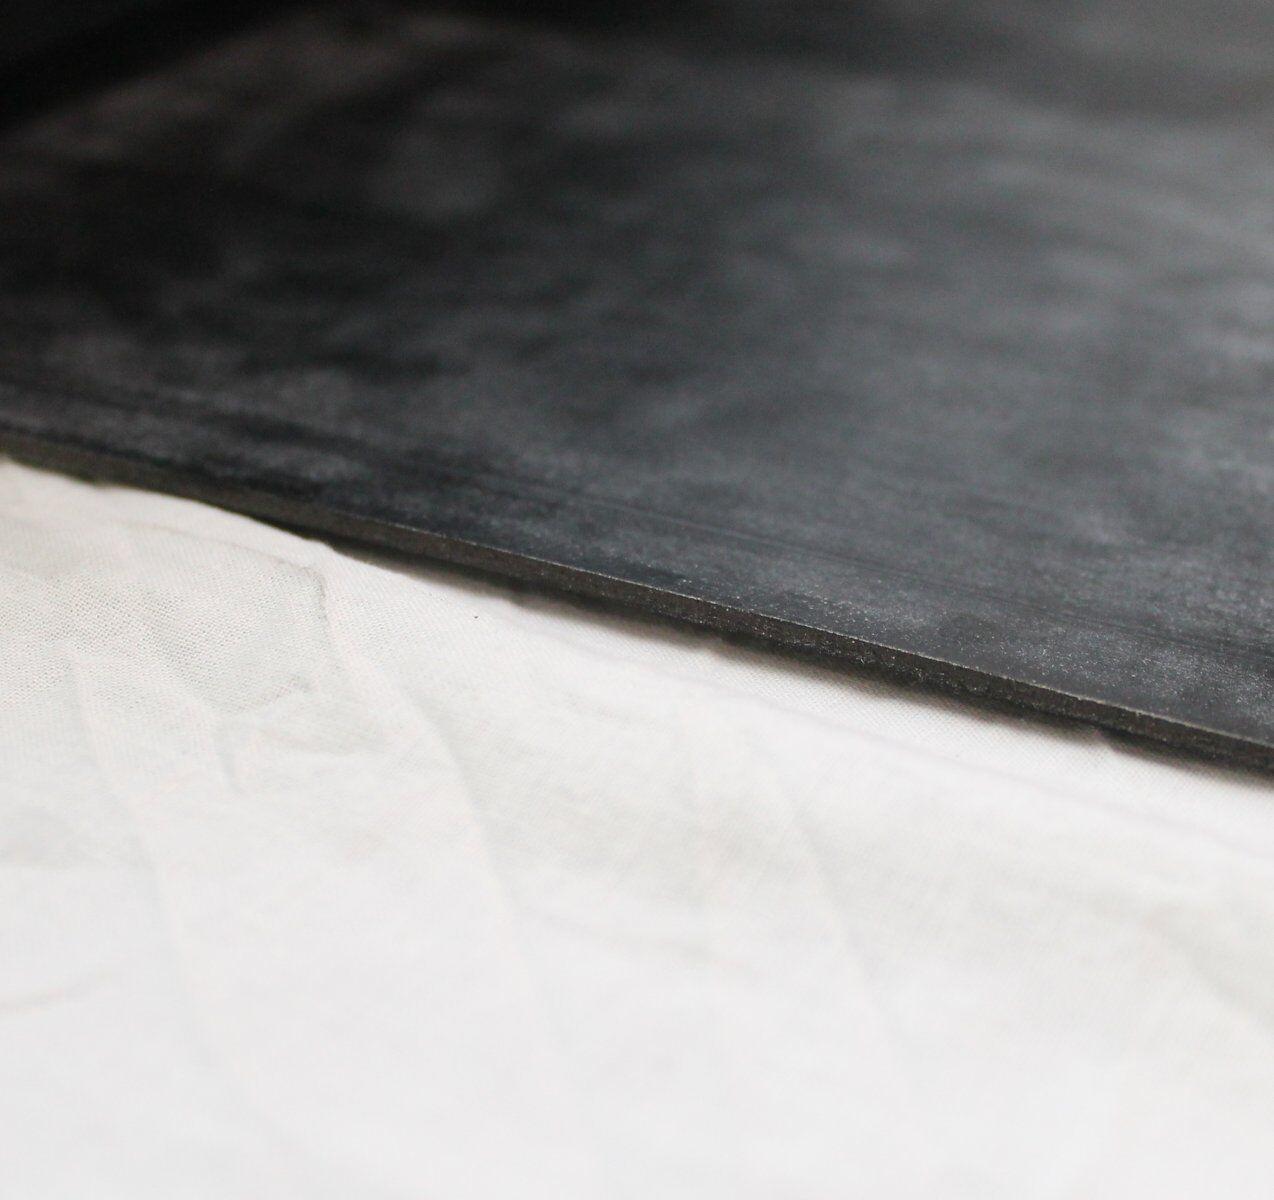 Gummimatte SBR SBR SBR 2mm   1200x7000mm Semperit A 9506 Dichtung Gummi Made in Europe c4f3e1